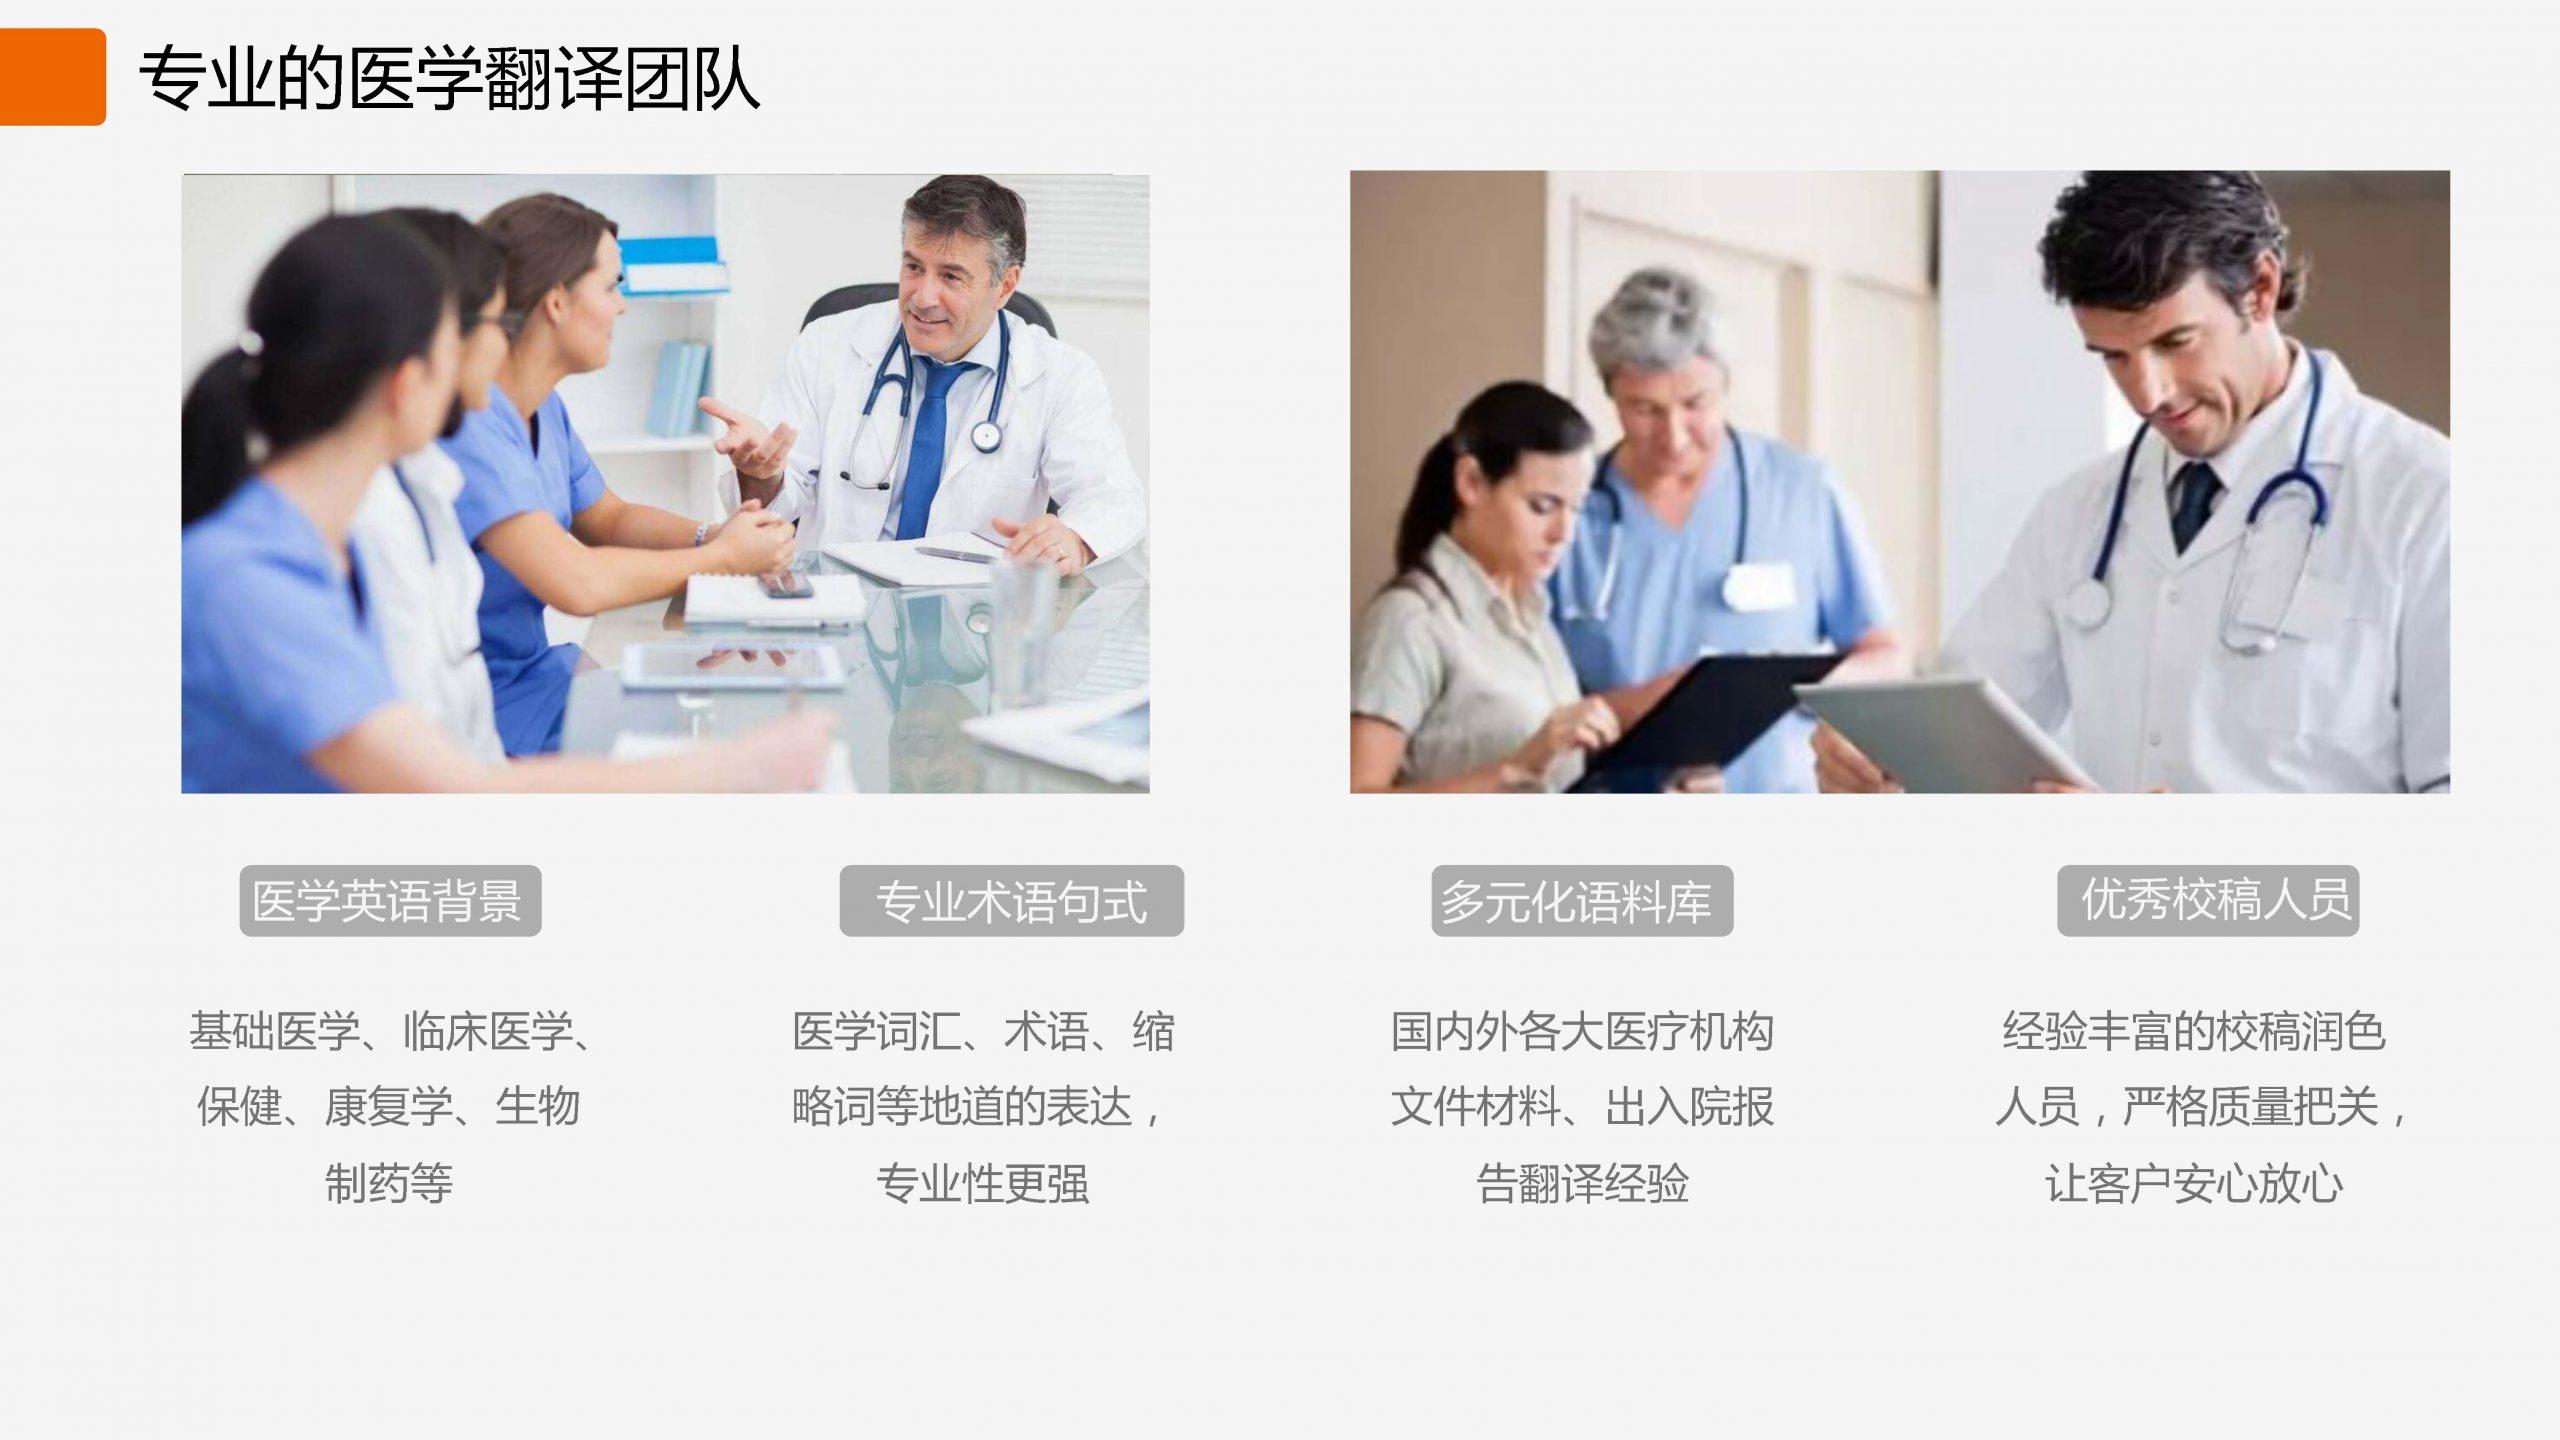 医学医药病历翻译-中英日专业人工翻译团队